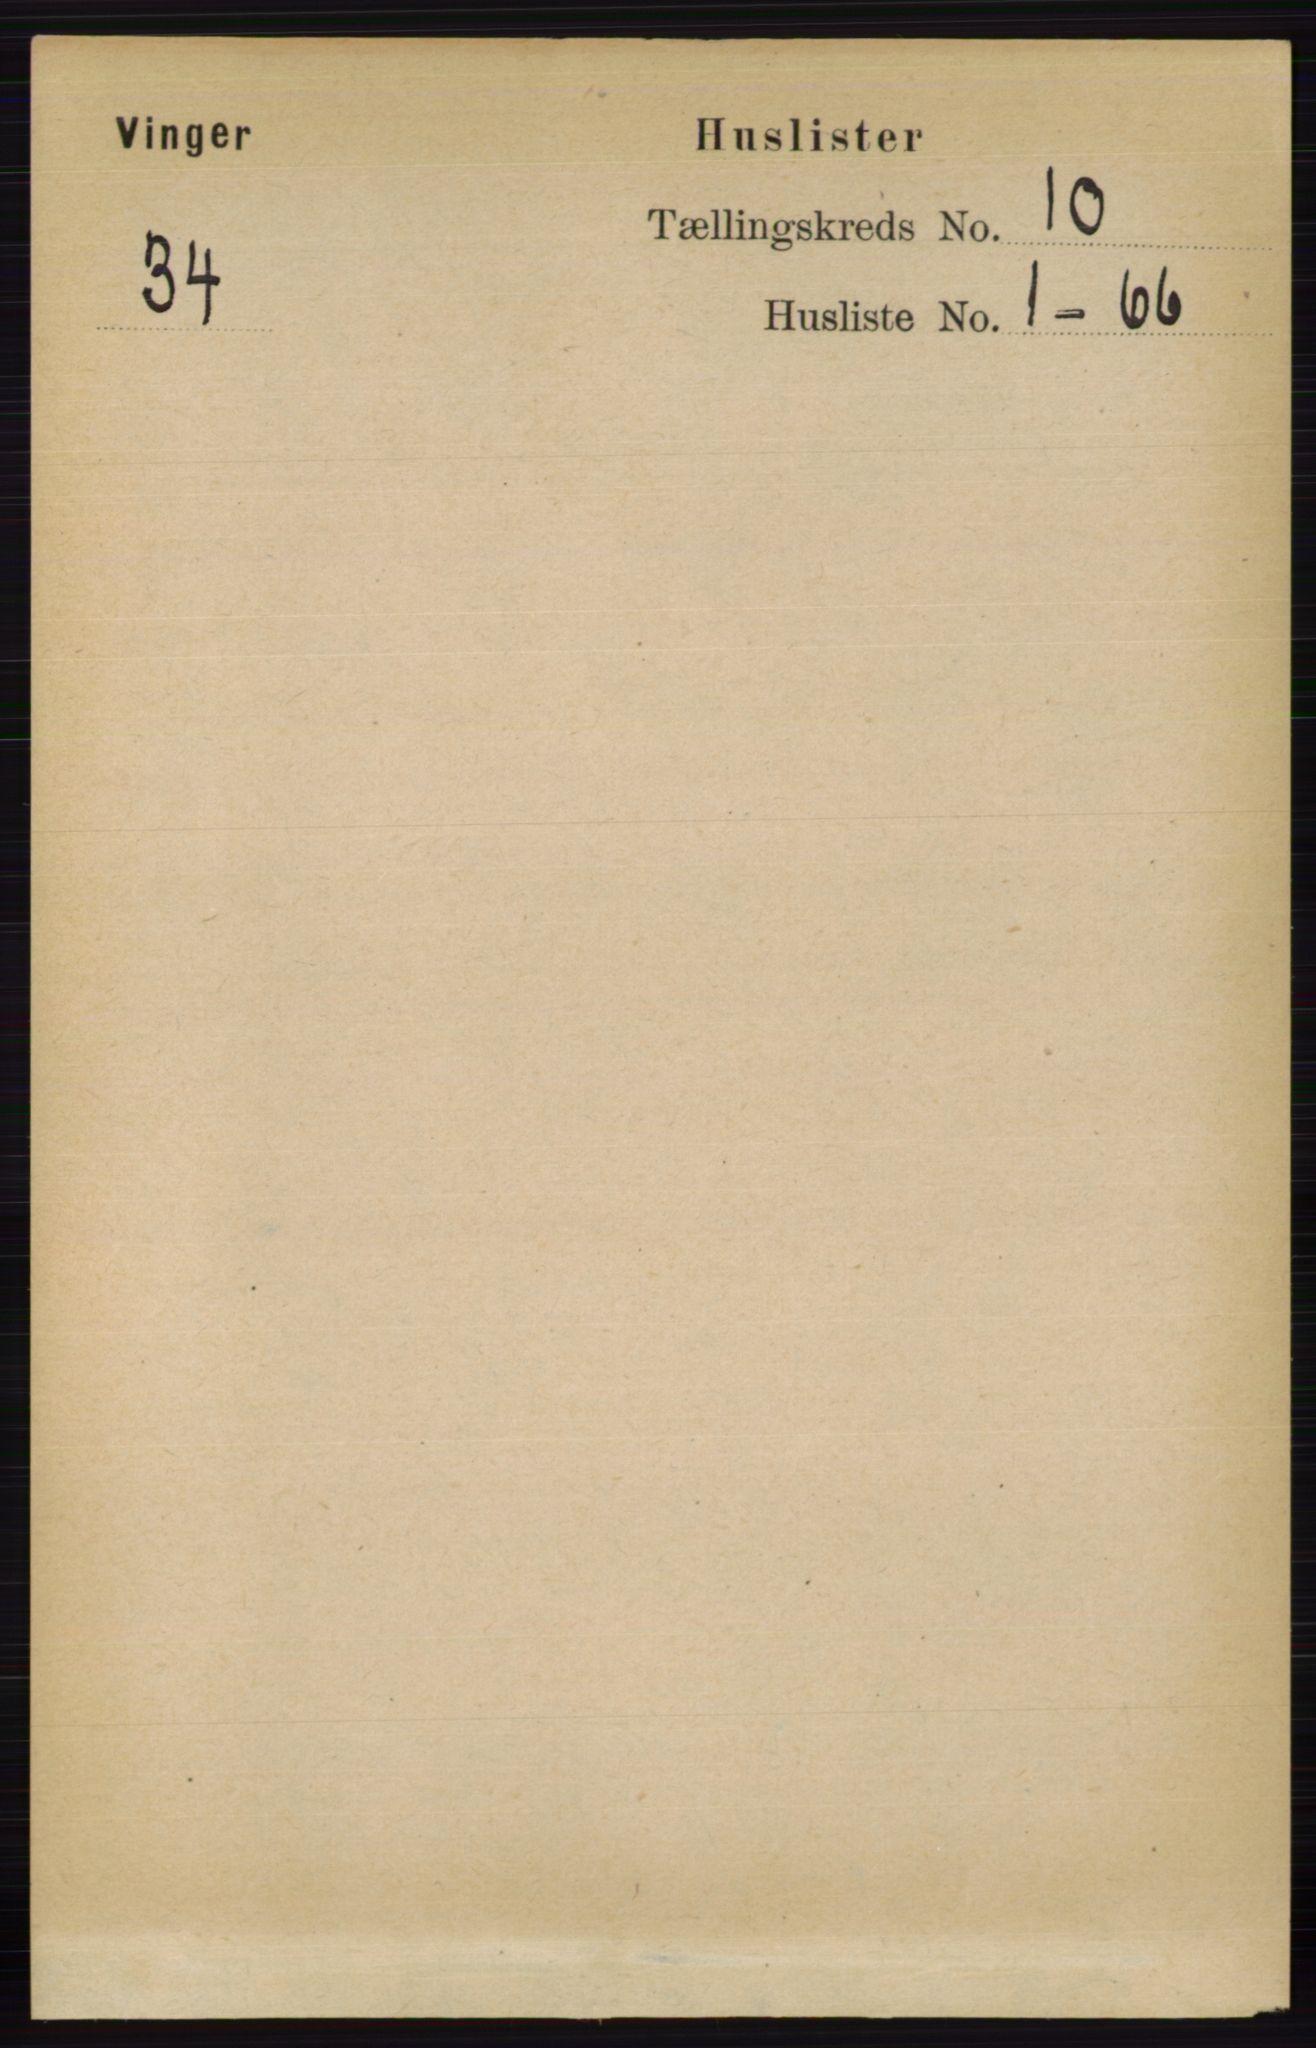 RA, Folketelling 1891 for 0421 Vinger herred, 1891, s. 4809